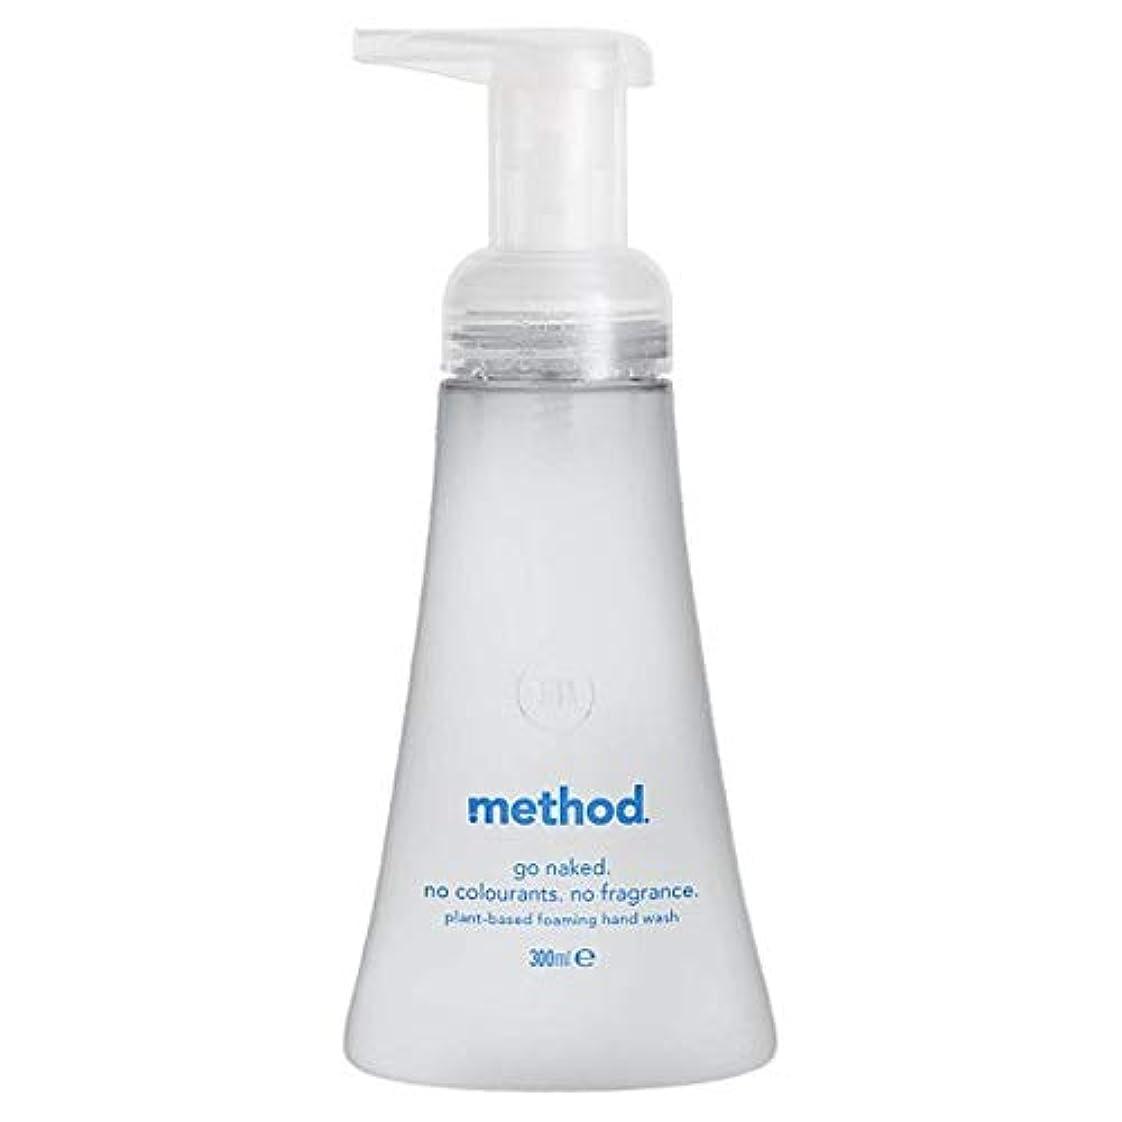 鳴らす予想するジョリー[Method ] メソッド裸発泡手洗いの300ミリリットル - Method Naked Foaming Handwash 300Ml [並行輸入品]